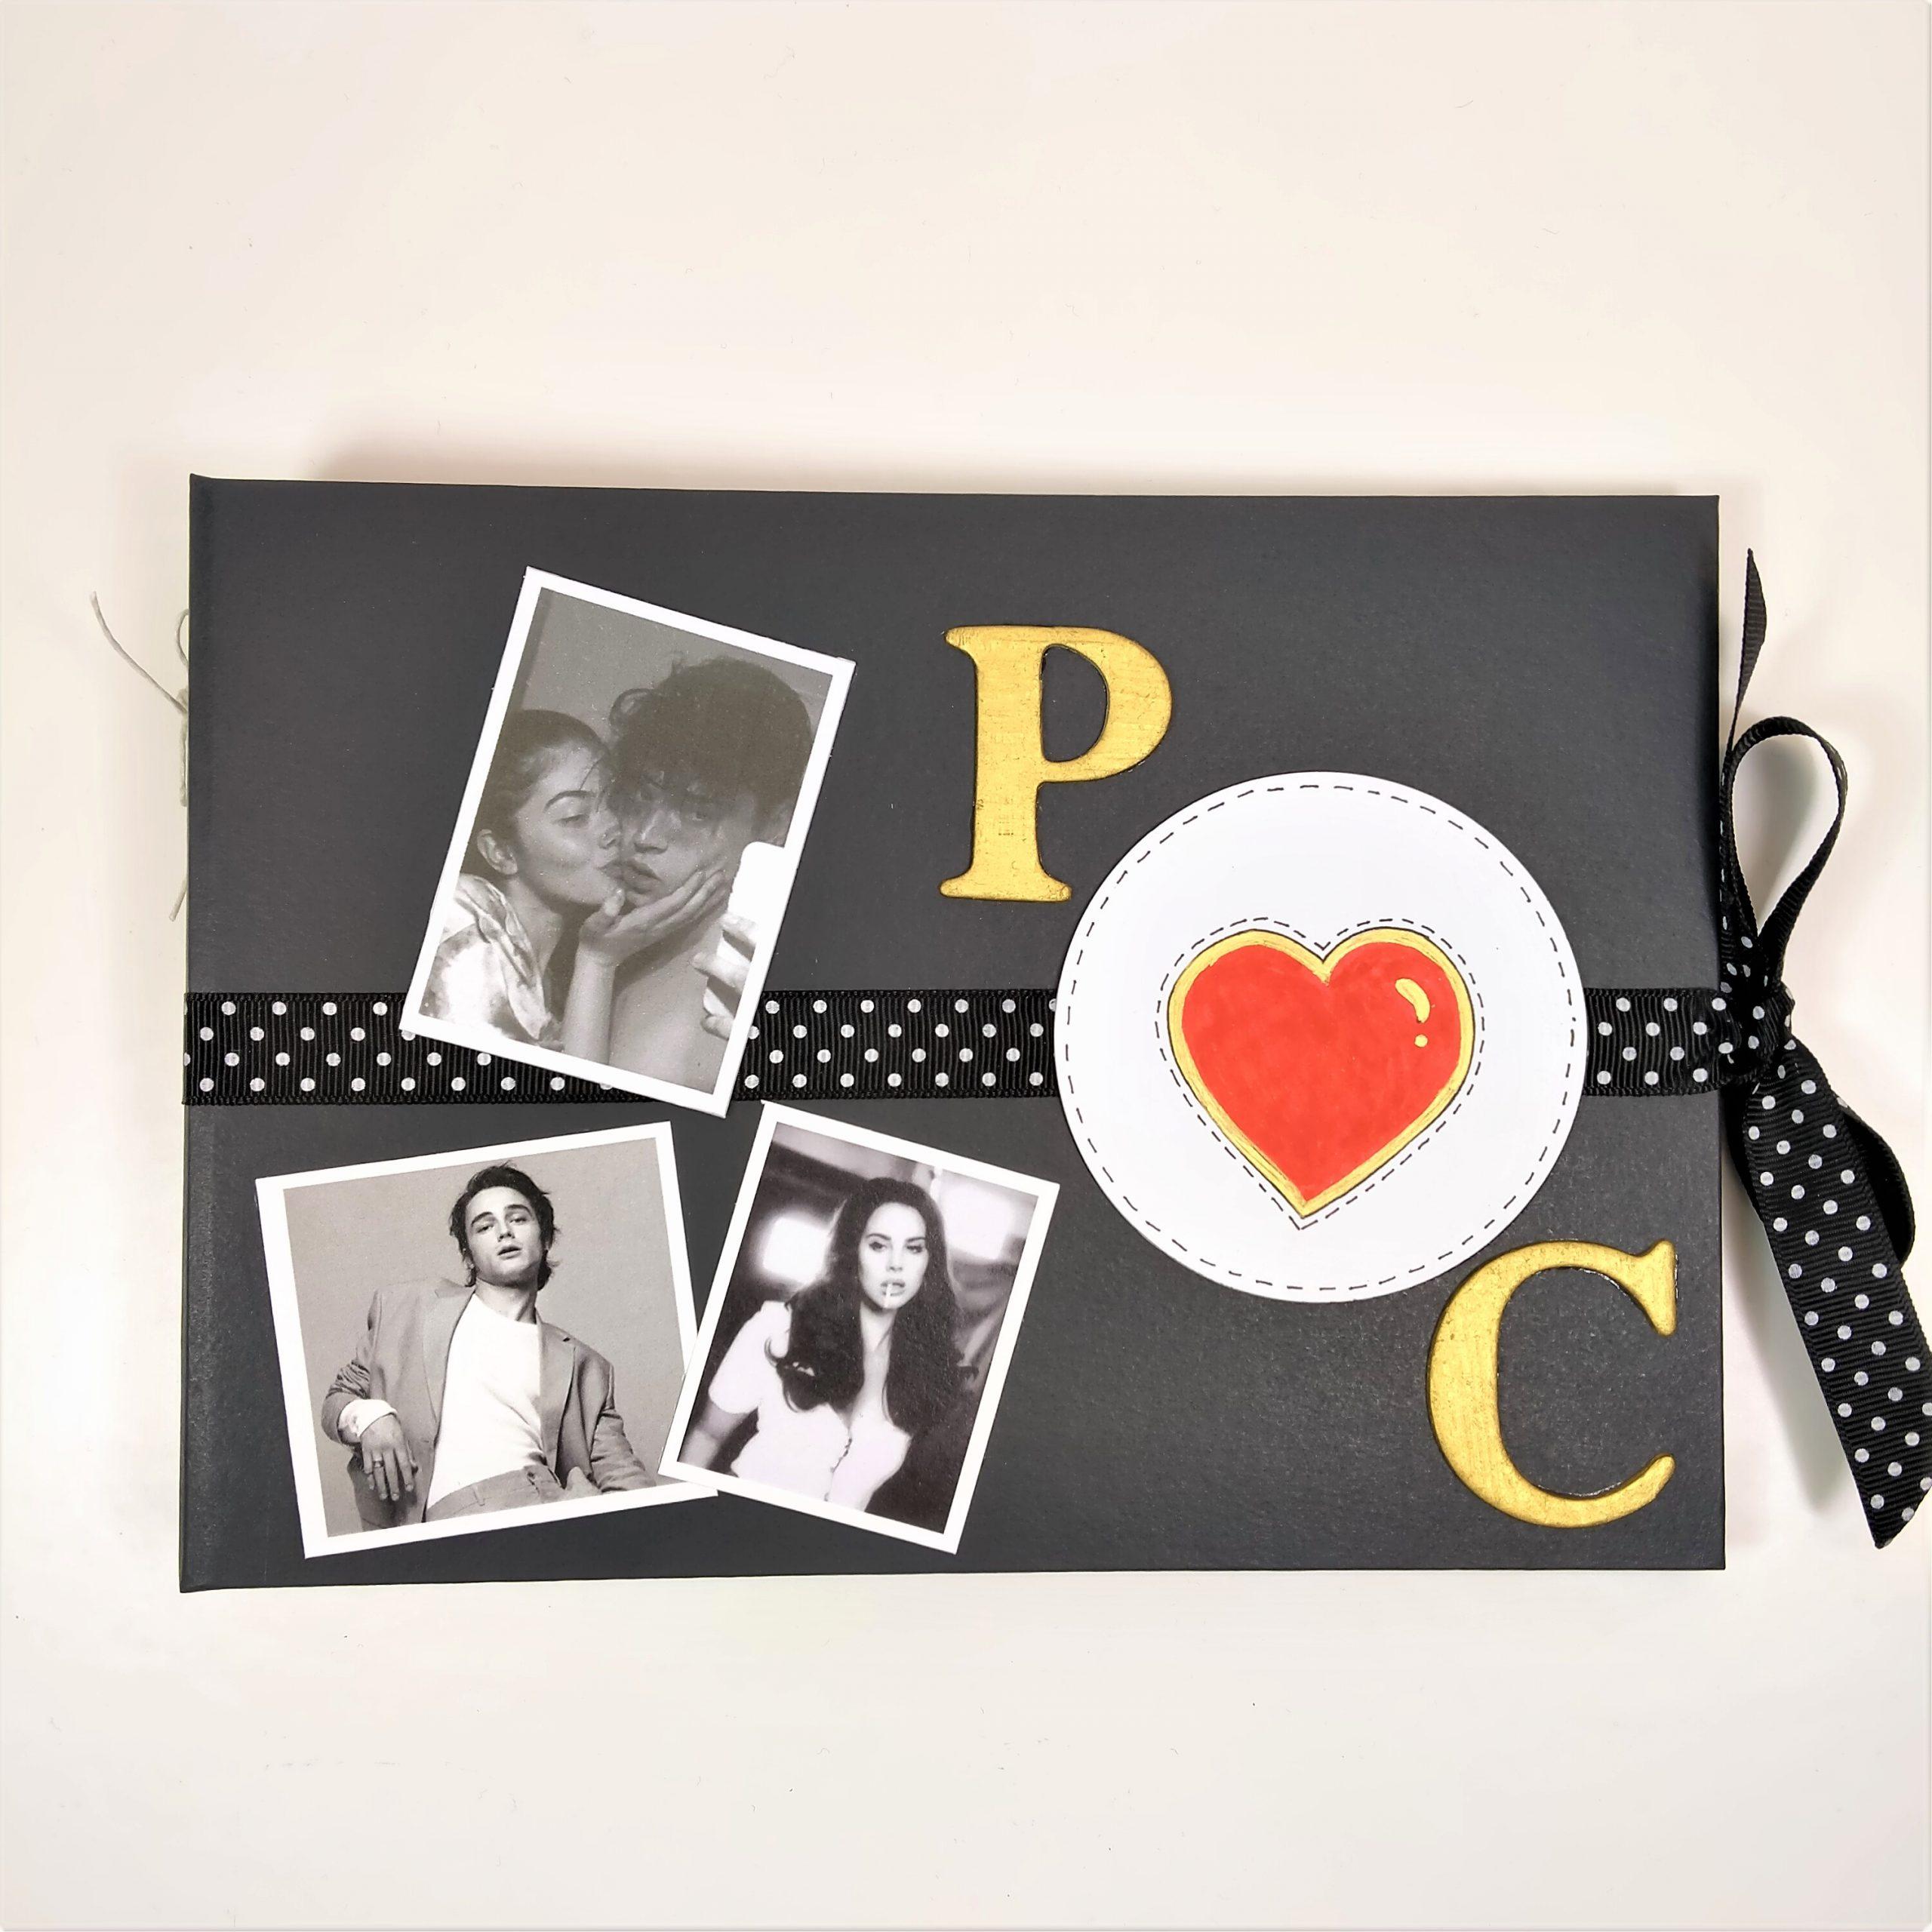 Àlbum per fotos P&C